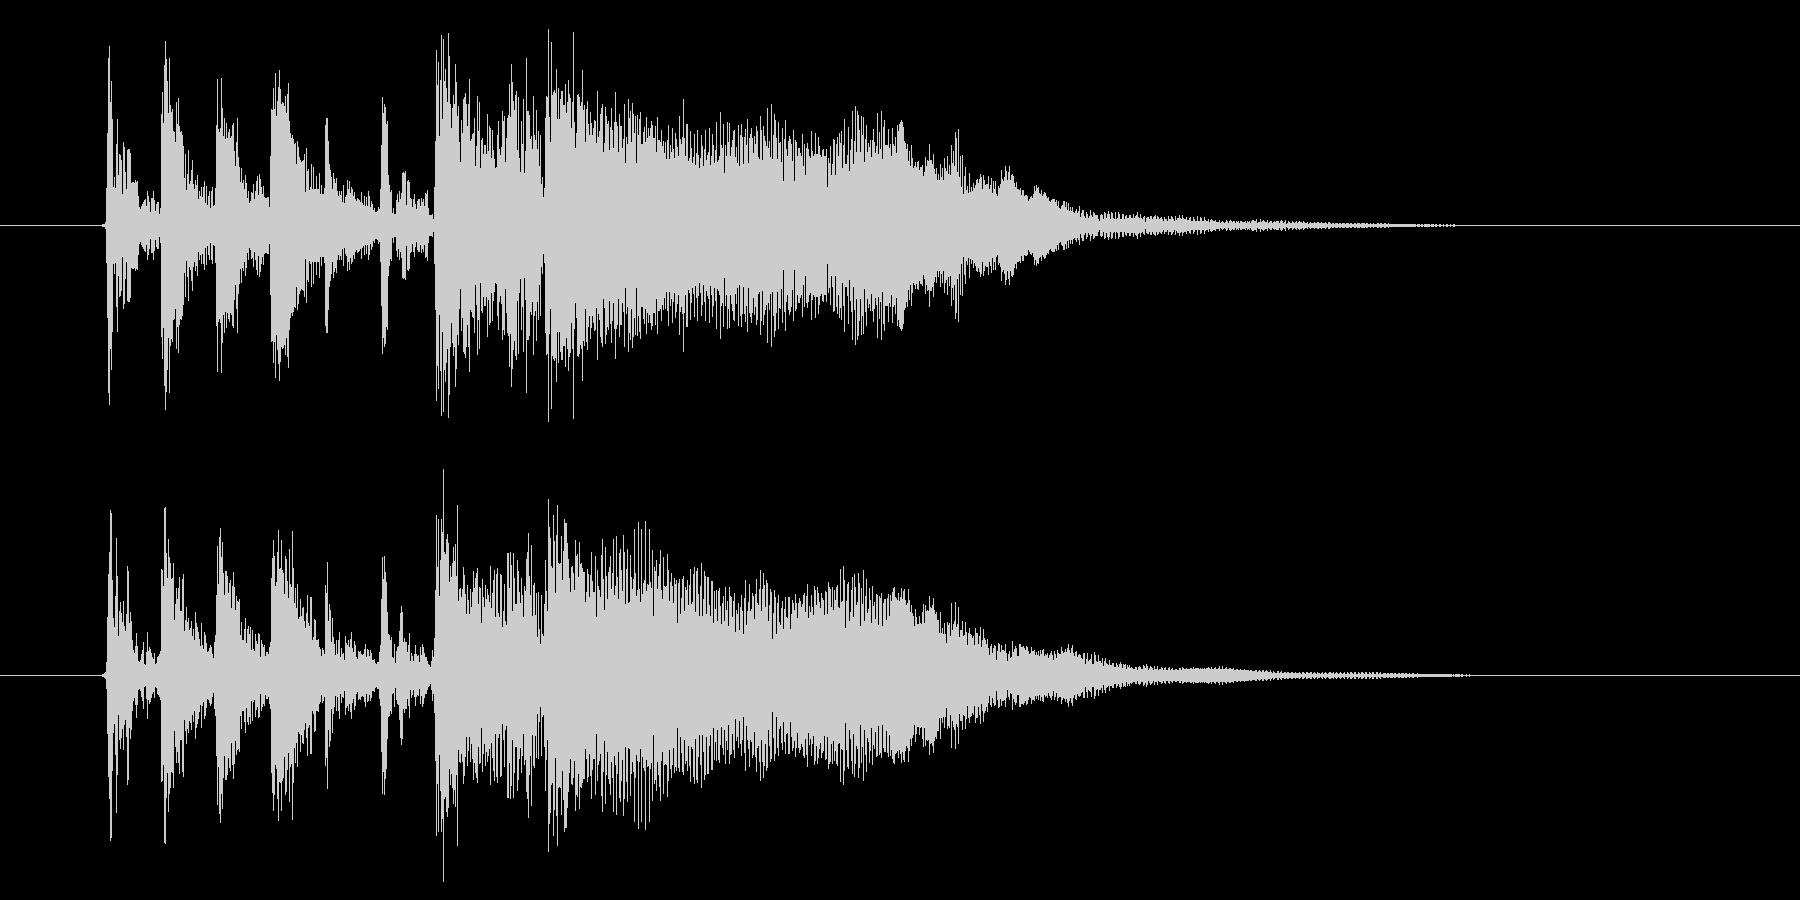 リズム感のあるドラムが印象的なBGMの未再生の波形